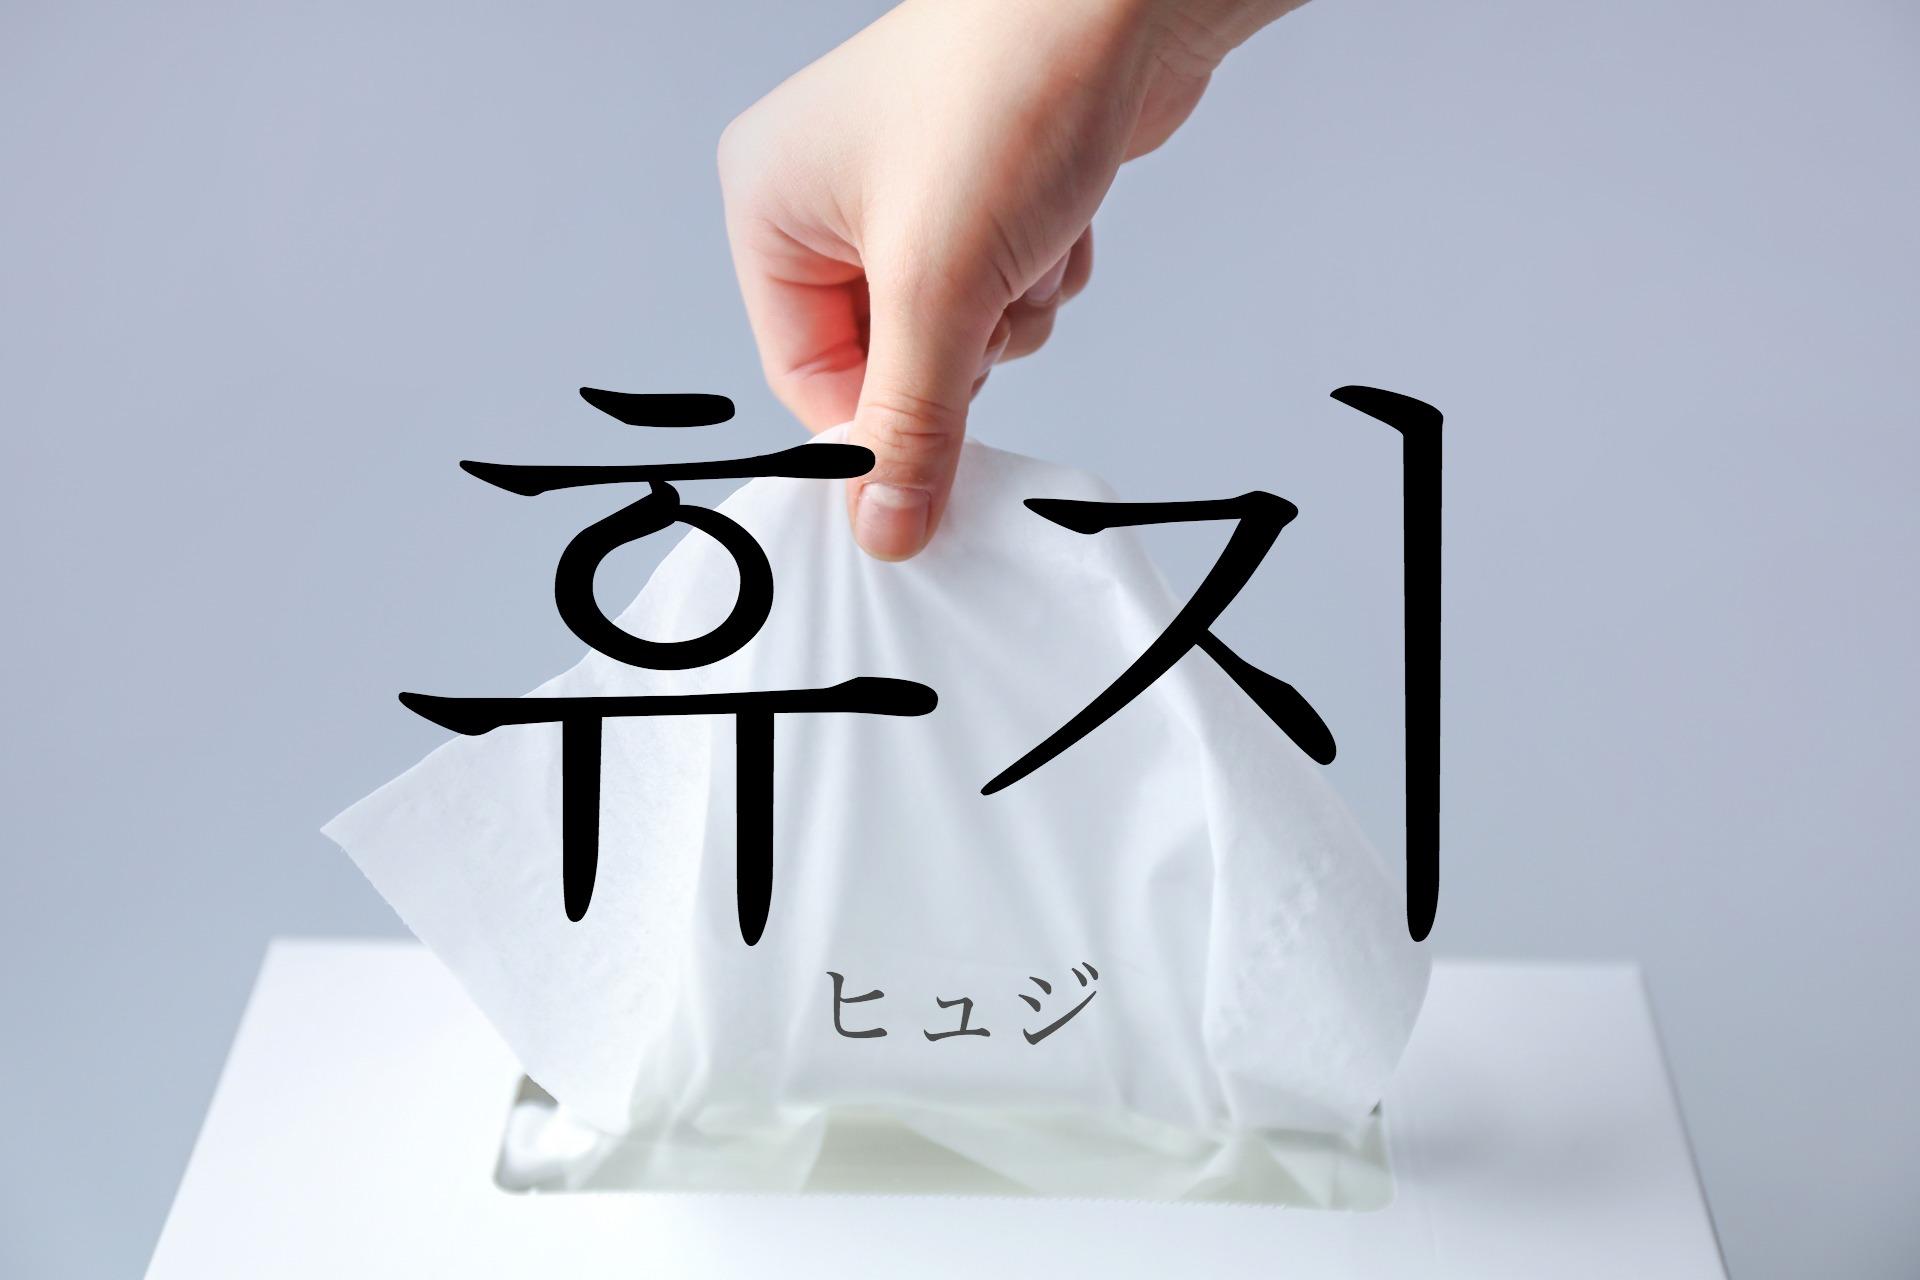 koreanword-tissue